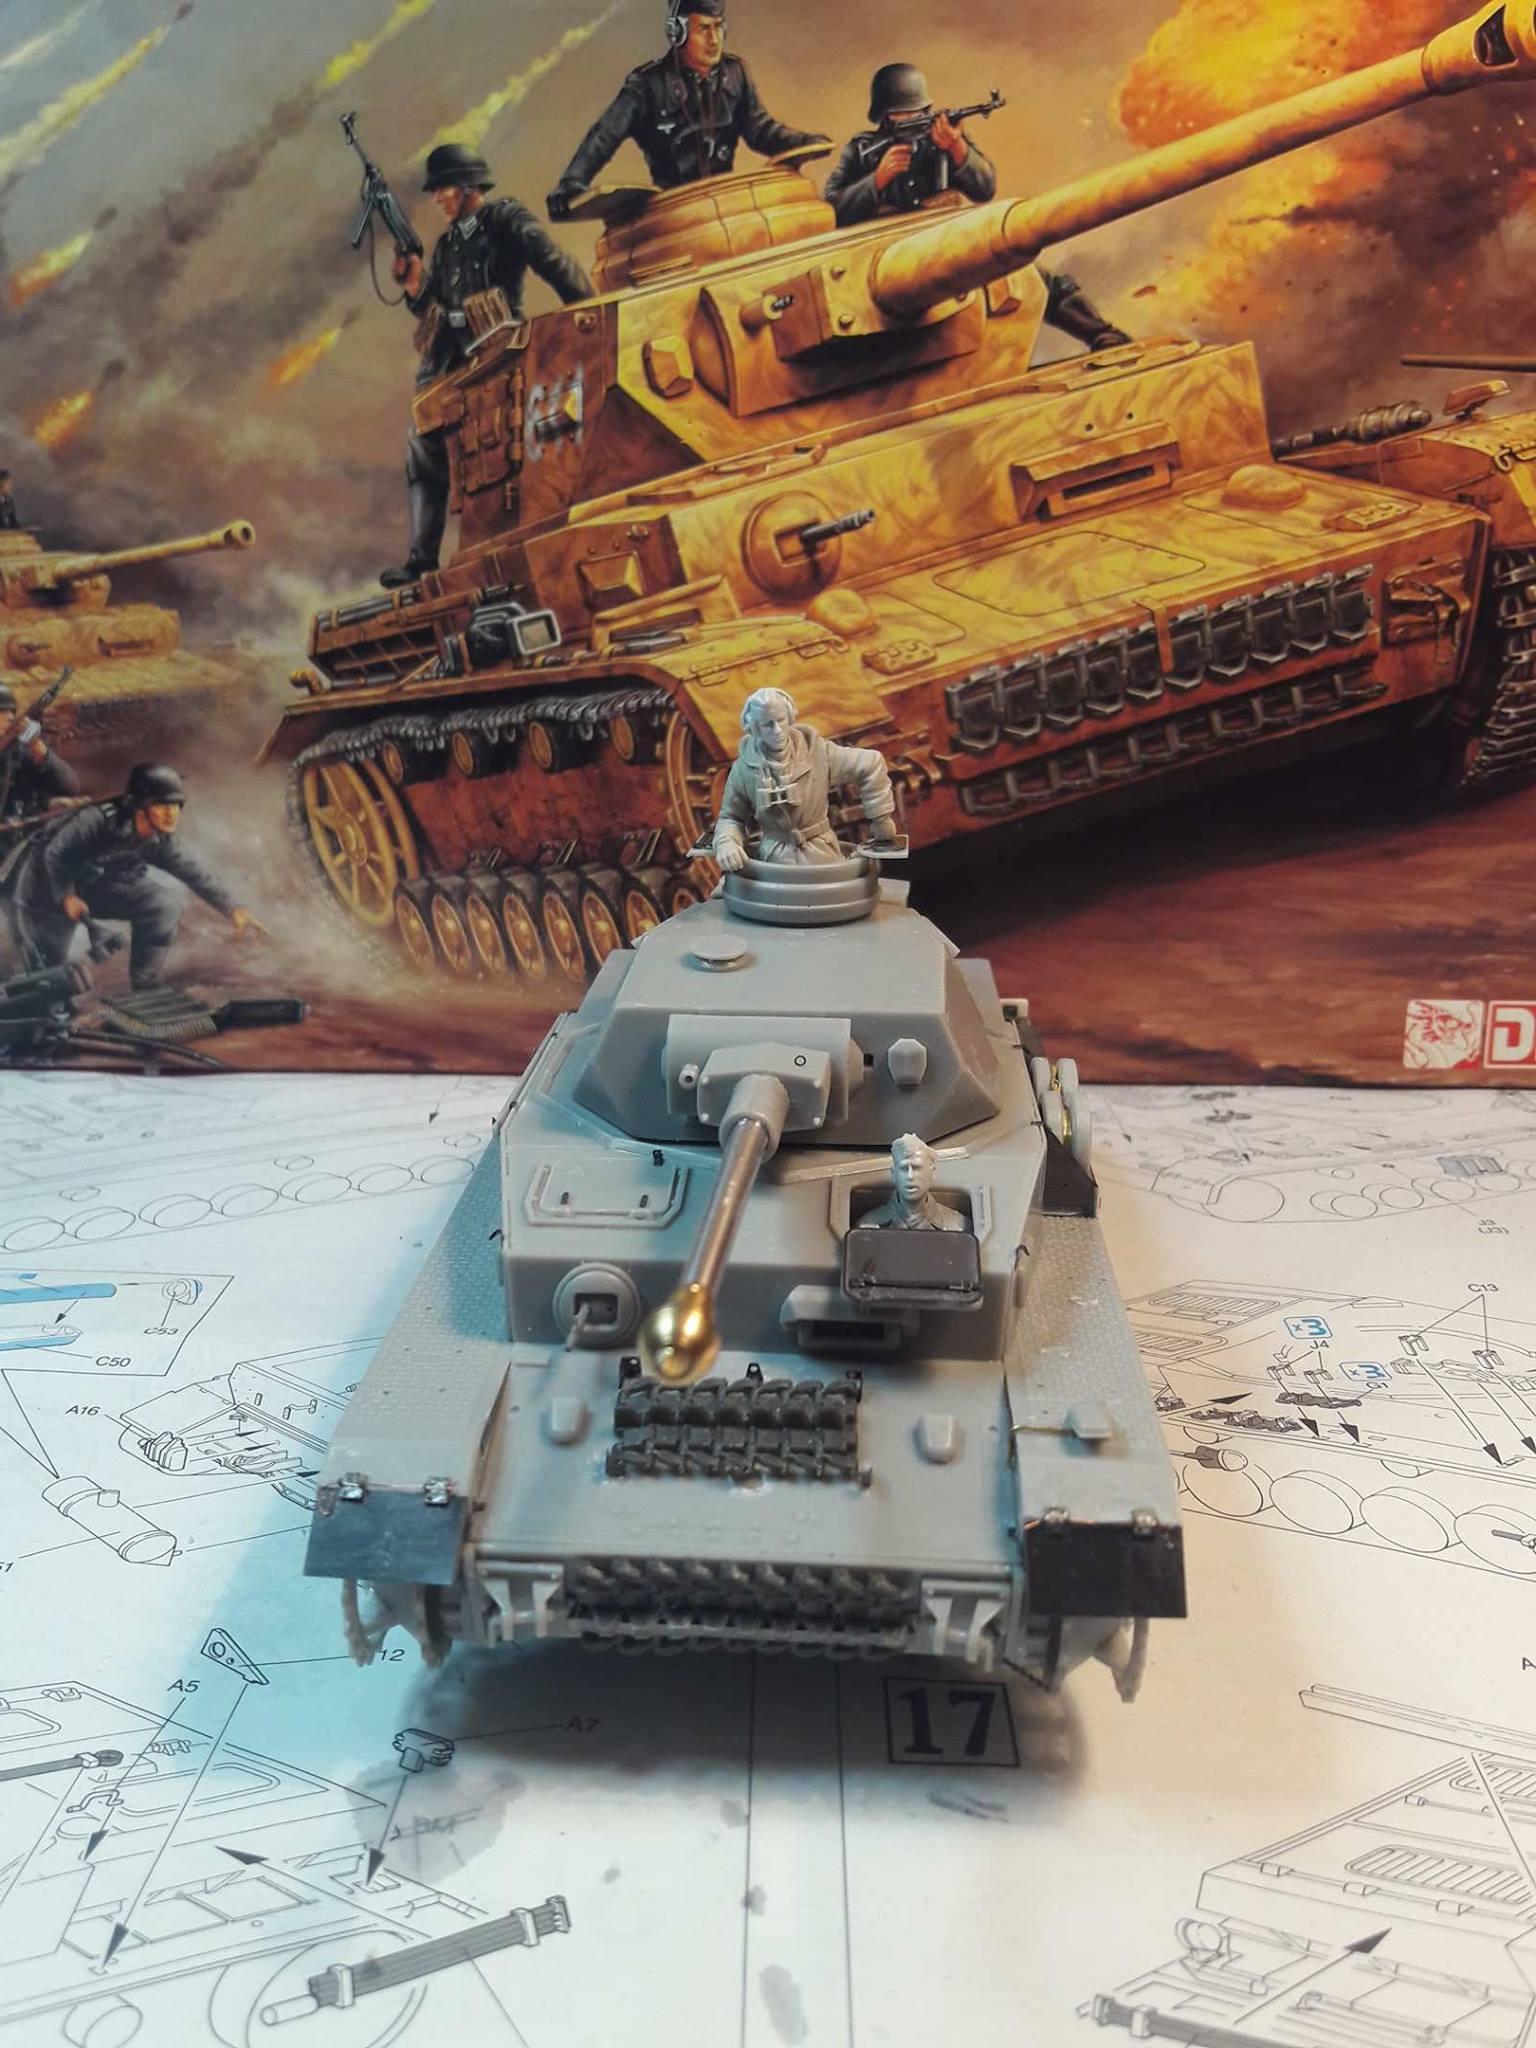 PzKpfw. IV Ausf. F2 - Dragon 22304421125102102121834255153871761084226o